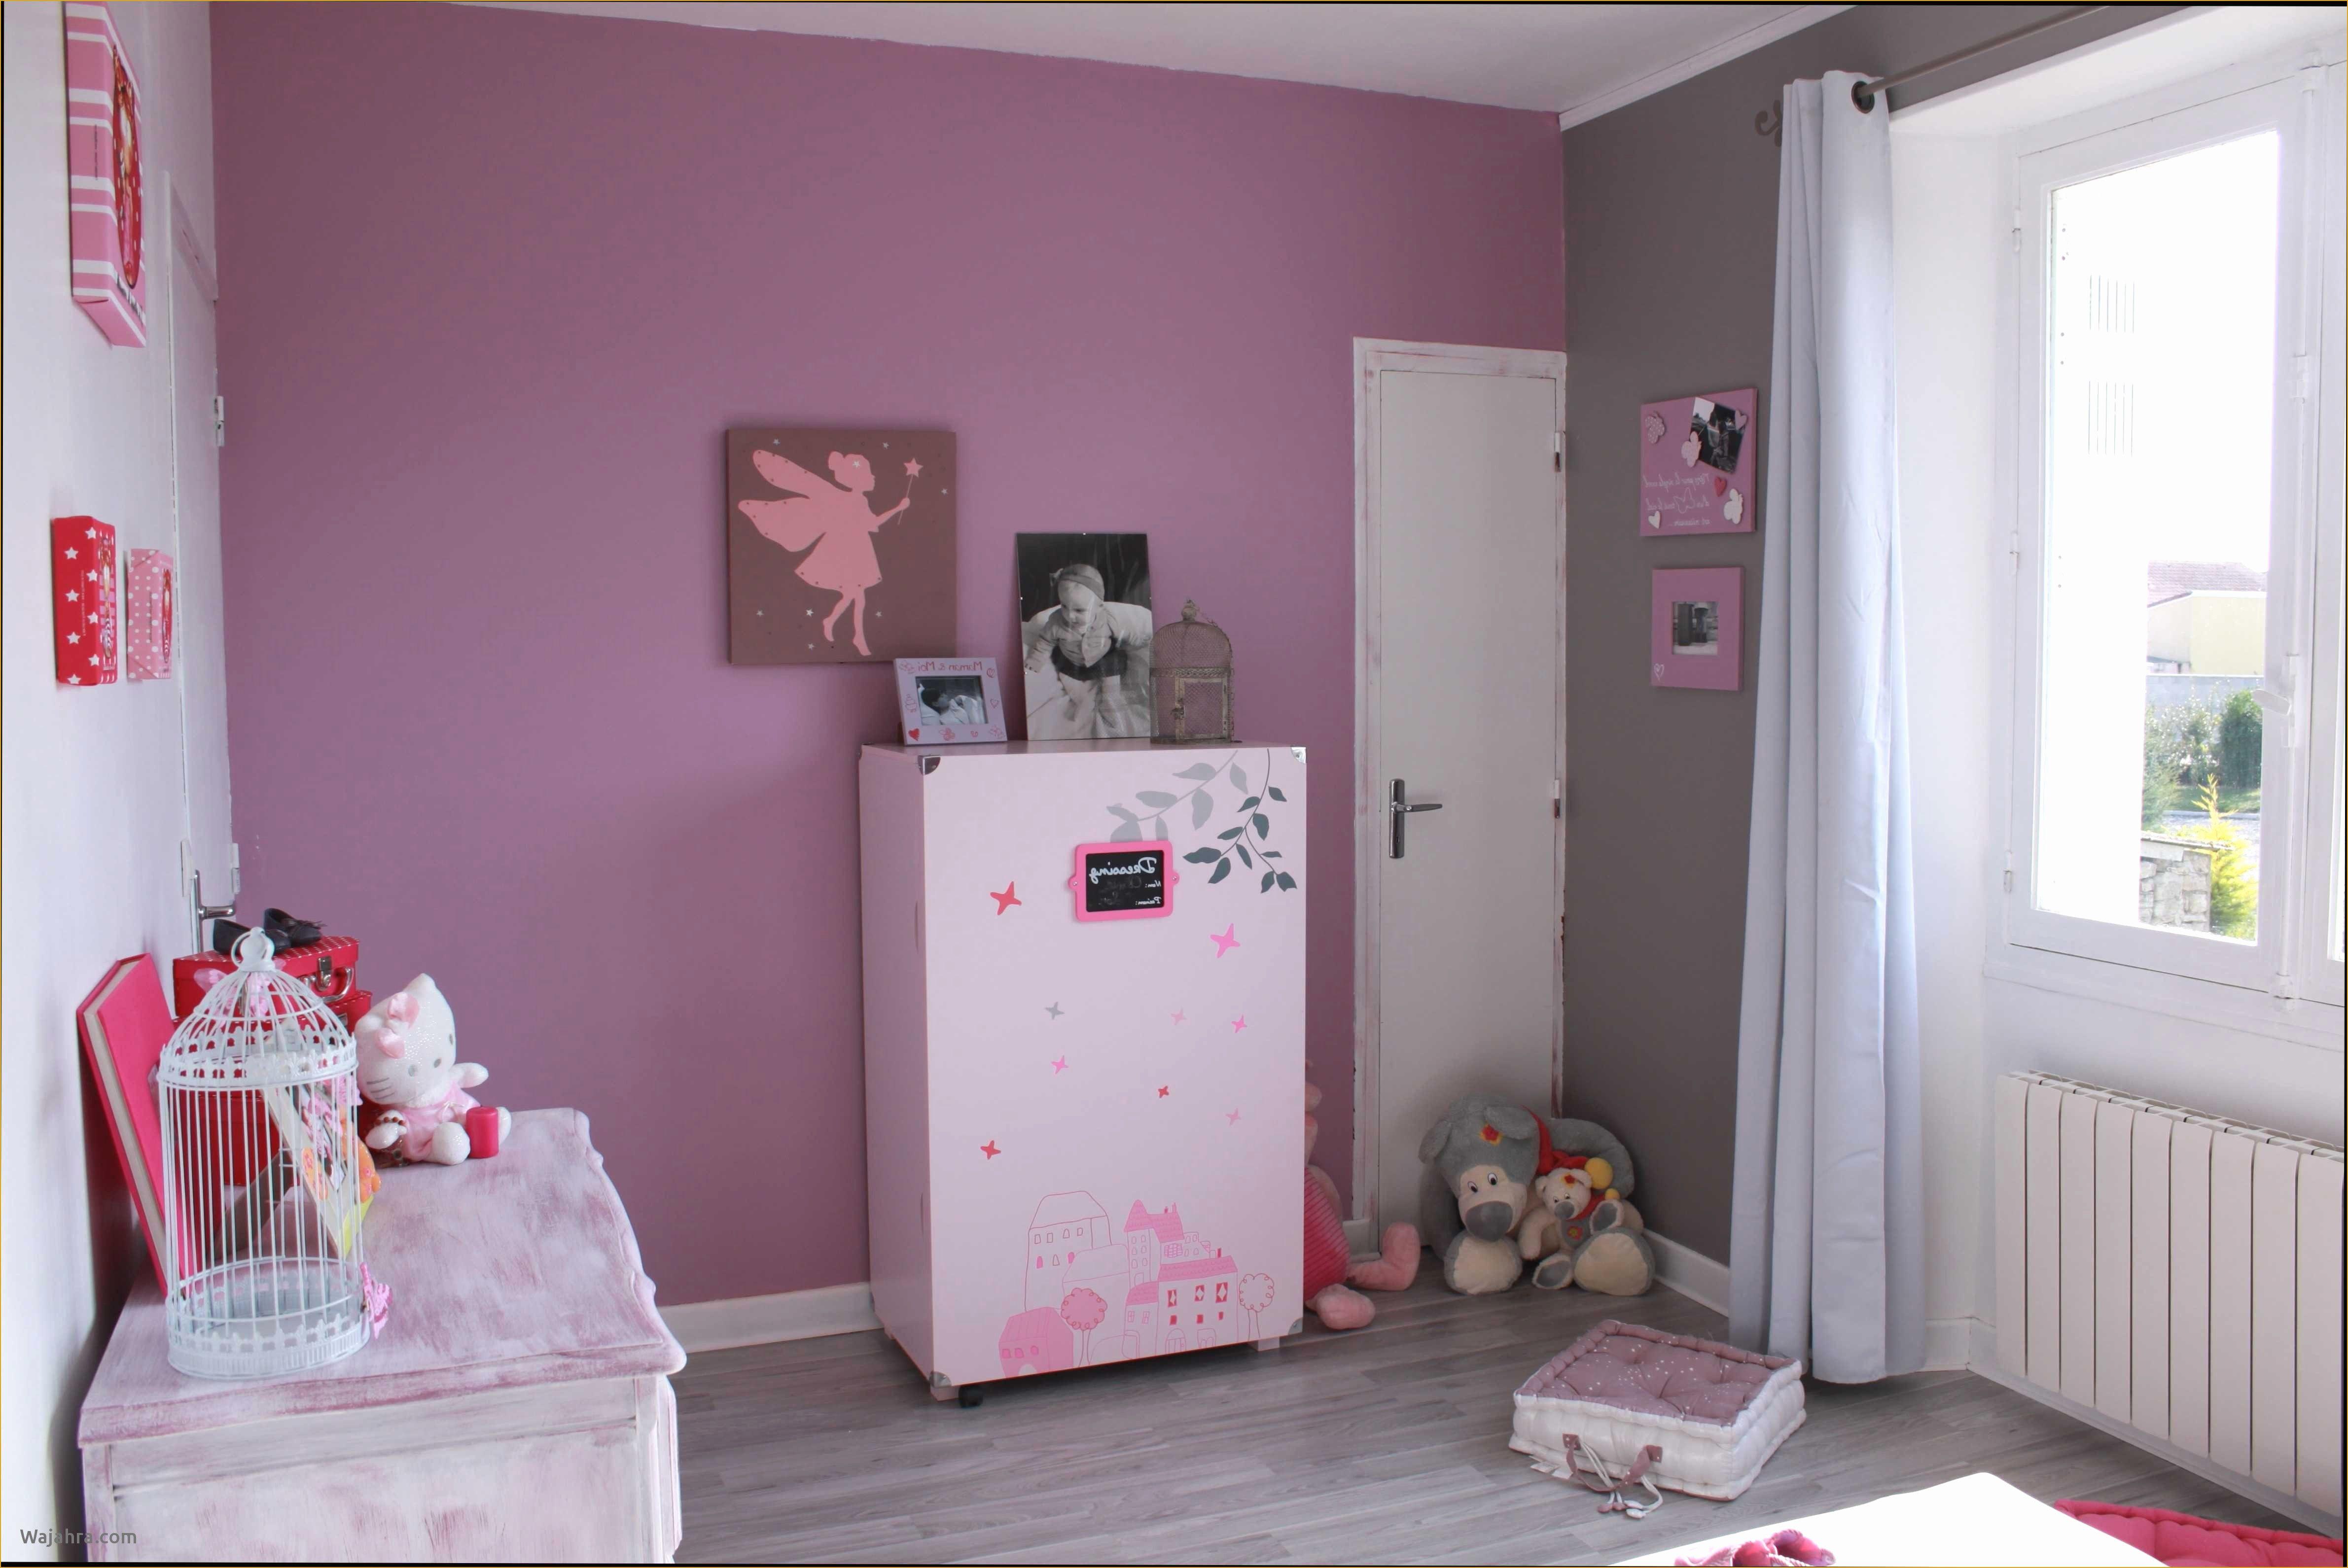 Lit Bébé Naissance Agréable Dessin Bébé Qui Dort Imprimer Aisé Lit Bébé Quax Frais Chambre Bébé